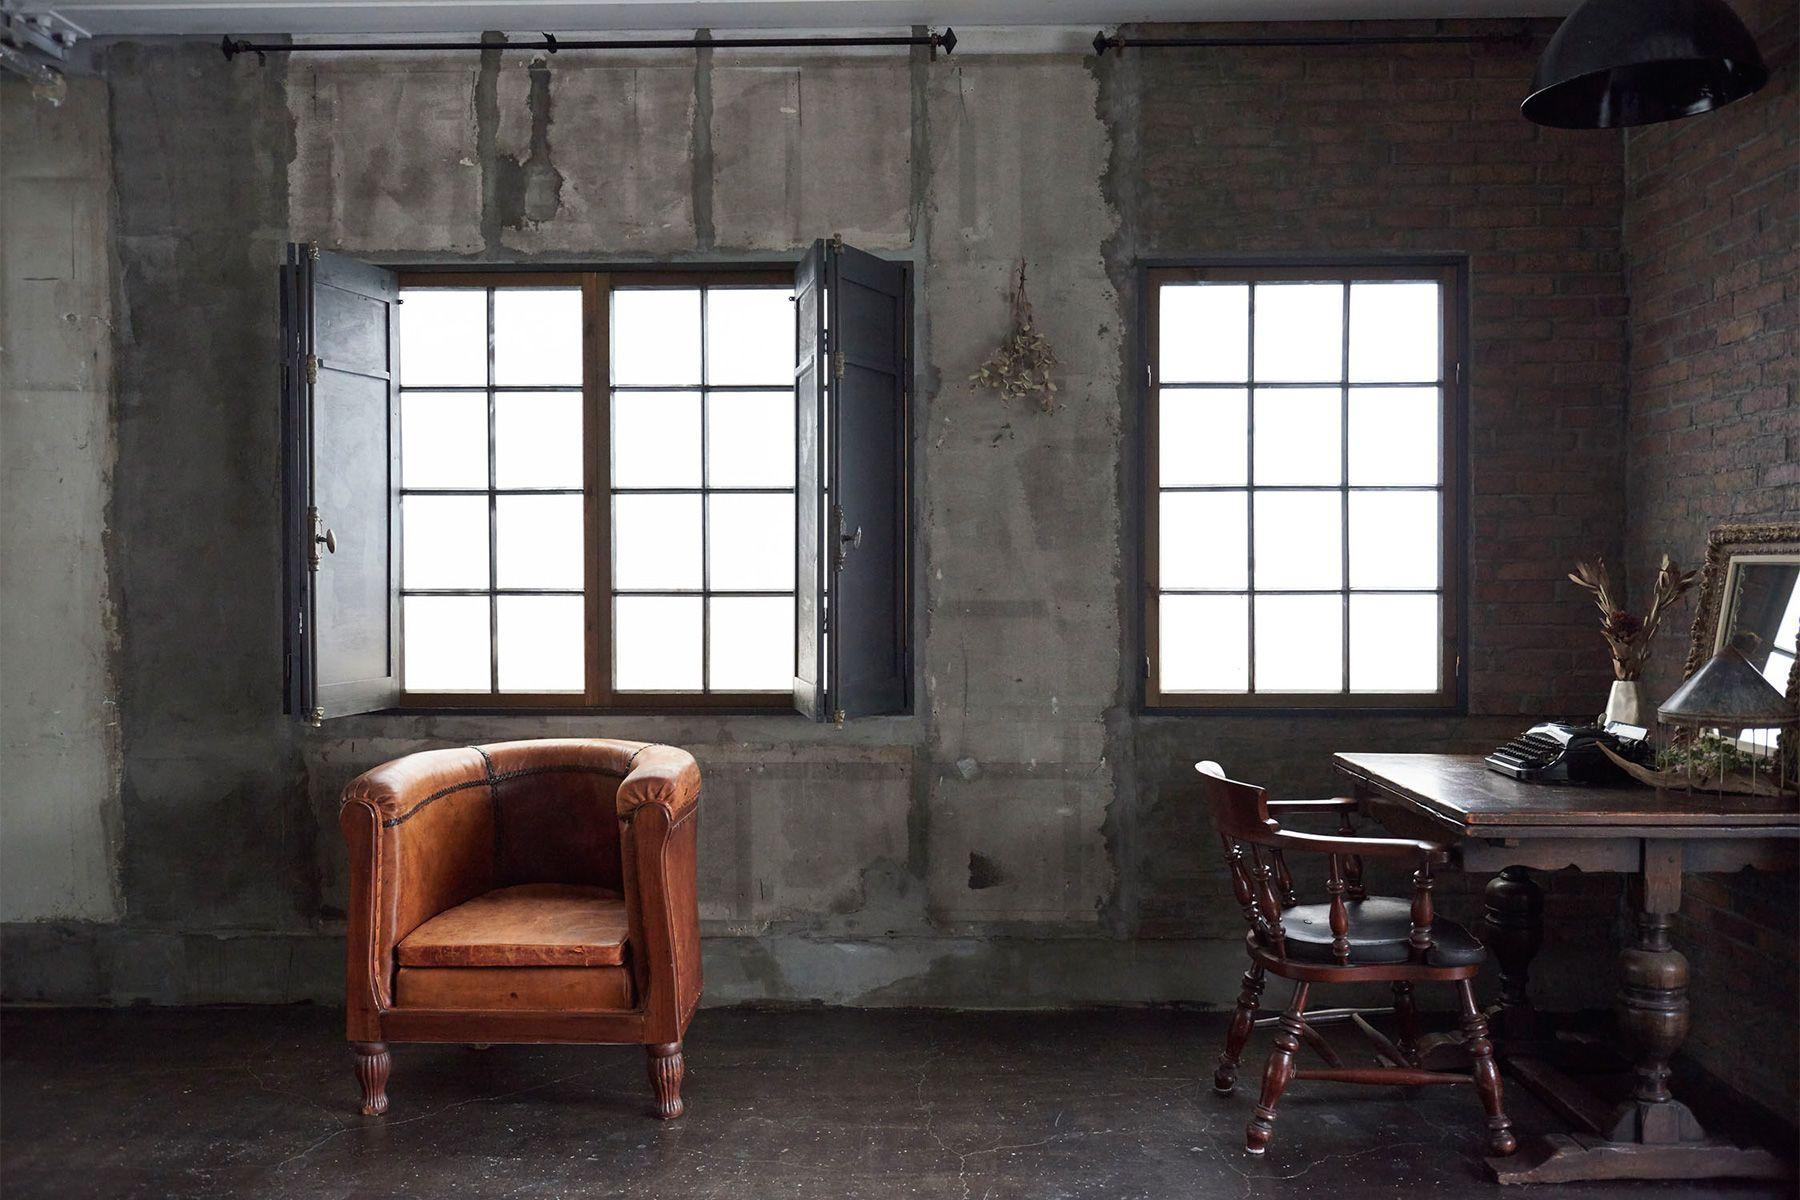 STUDIO FOGLIA 1st (スタジオ フォグリア 1st)アンティーク窓